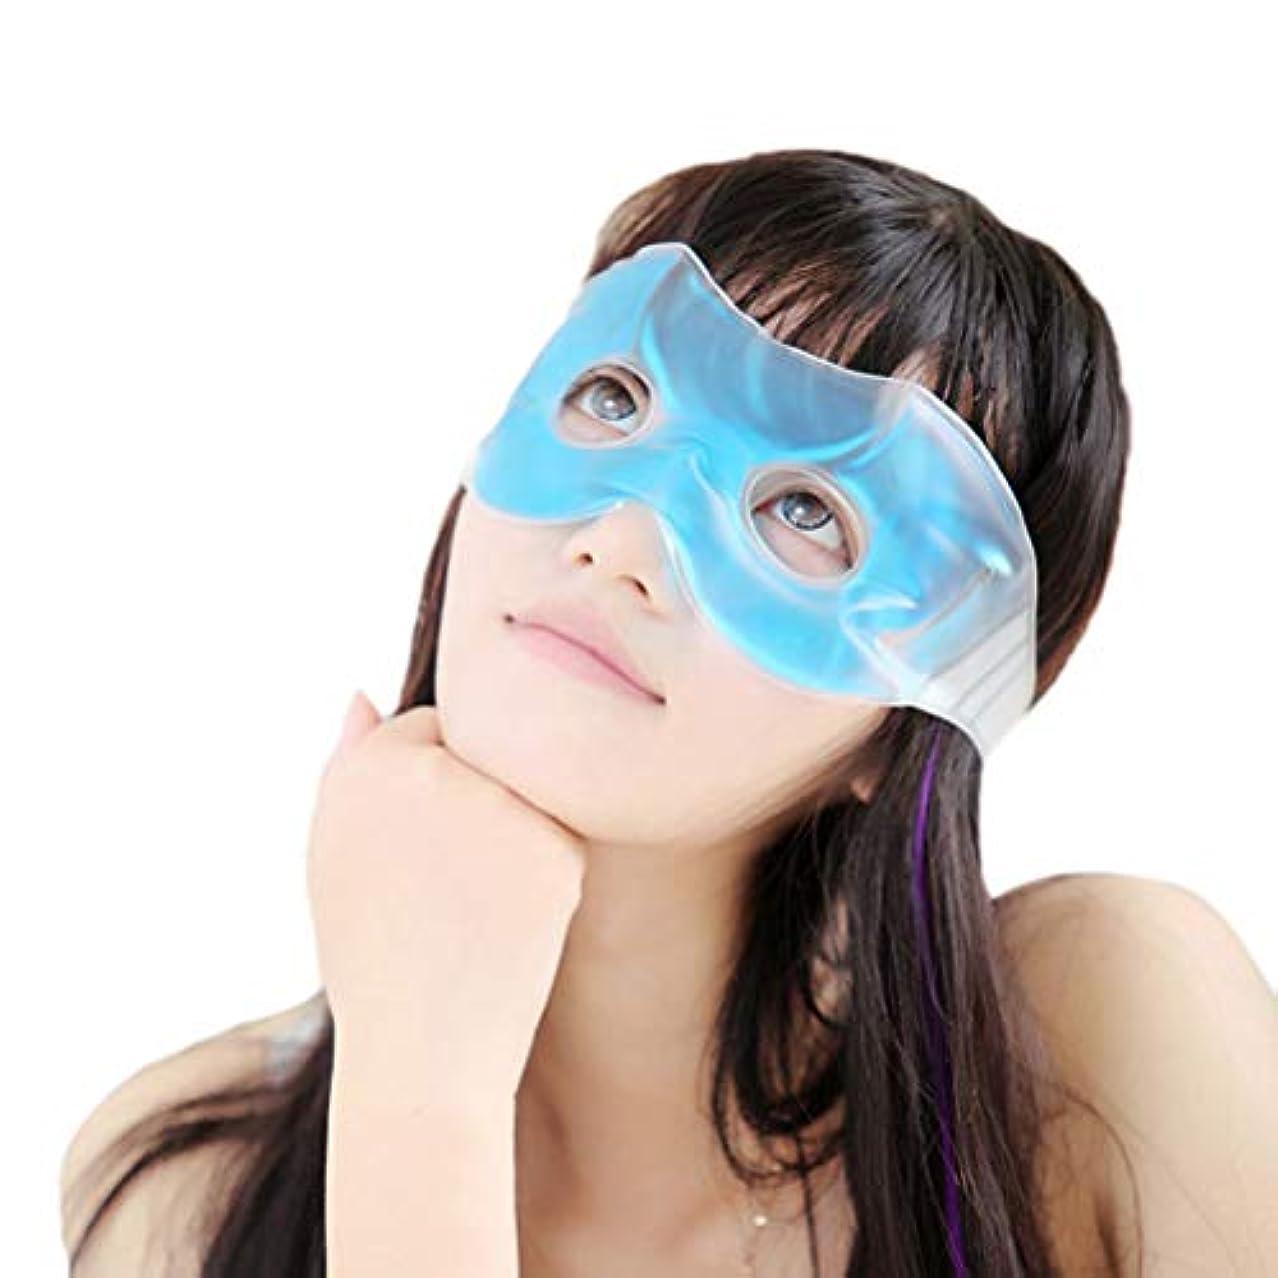 低下ネイティブ鈍いHeallilyアイスアイマスク睡眠アイスパッチ冷却リラックスブラインド快適なパッチ用アイパフネスダークサークル